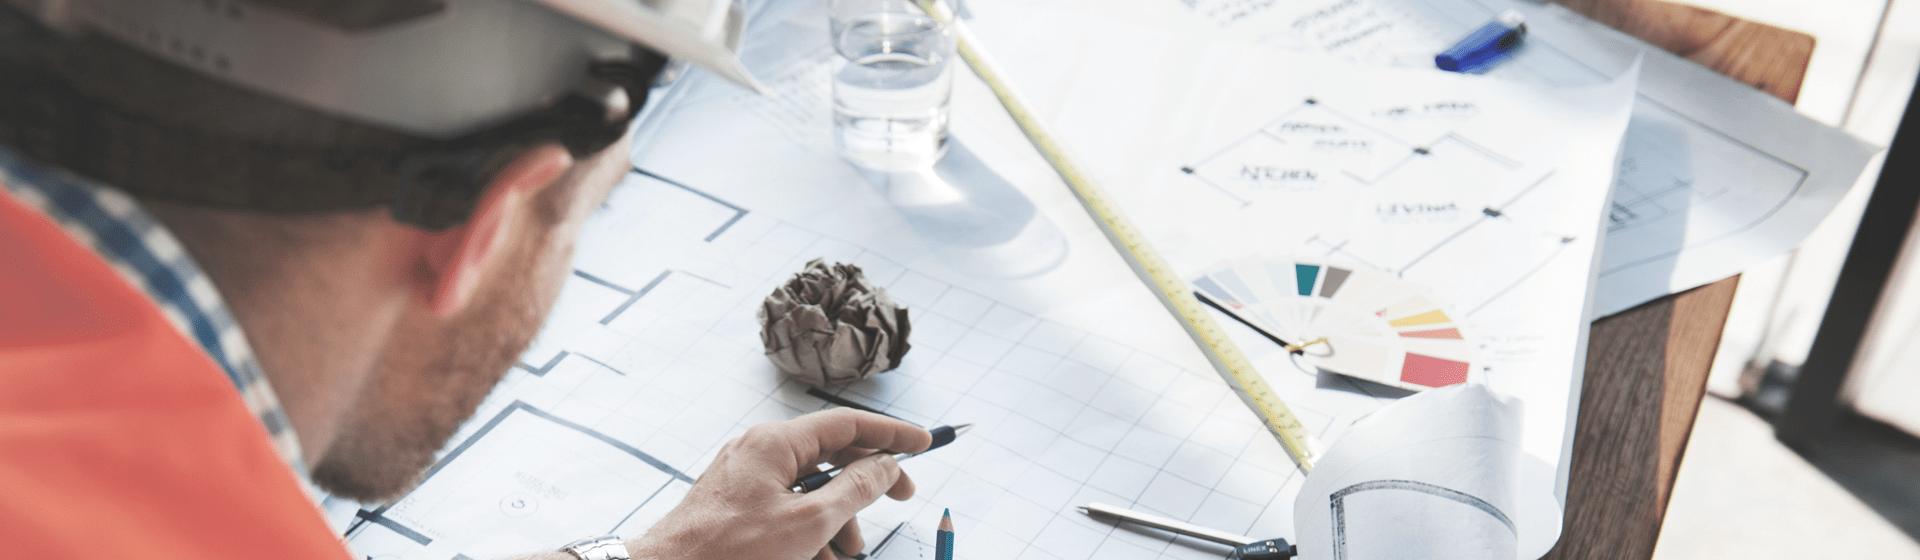 Was müssen Bauherren beim Flächennutzngsplan beachten?